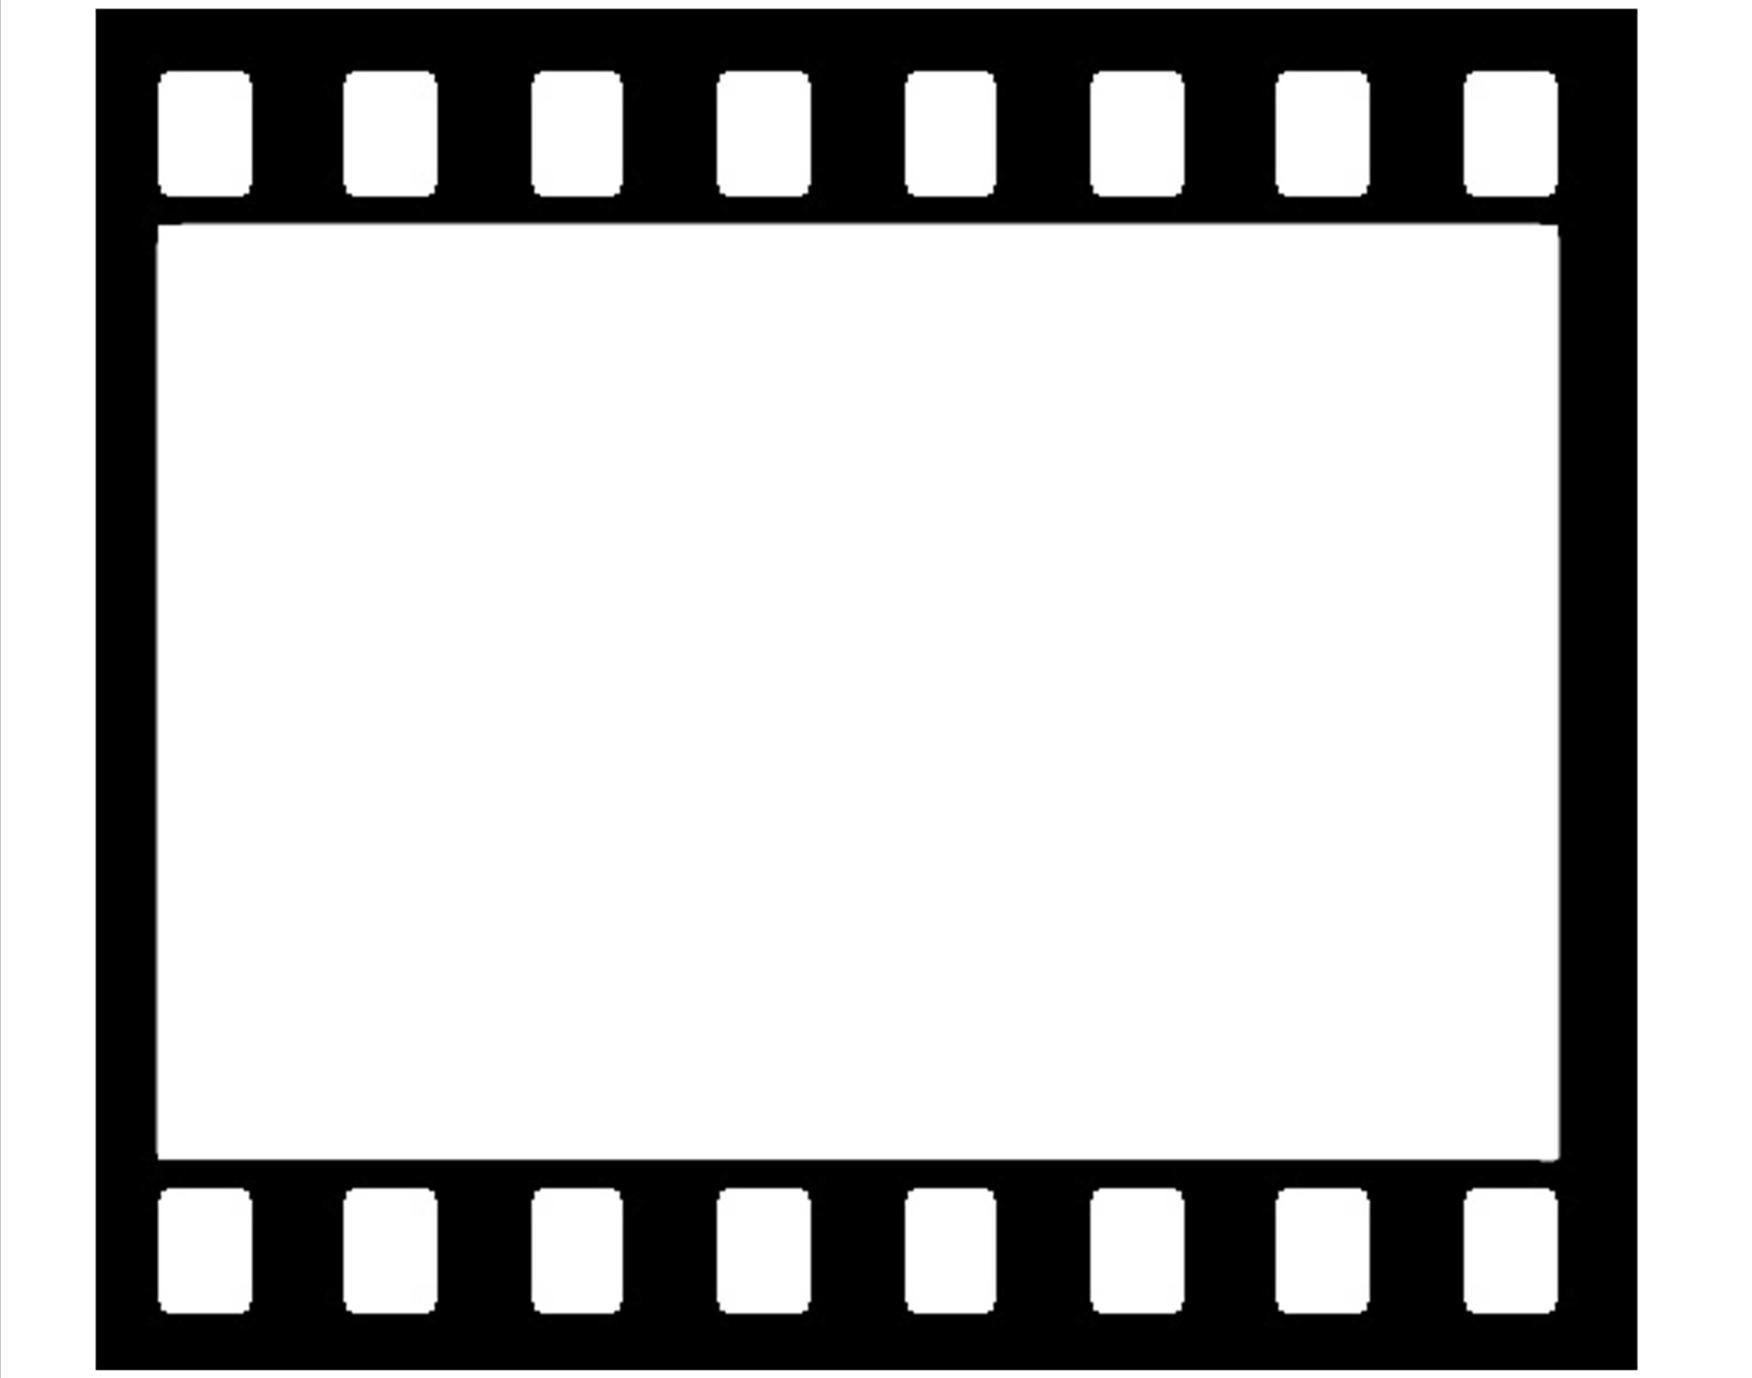 Movie Film Strip Clipart Free Clip Art I-Movie Film Strip Clipart Free Clip Art Images-15